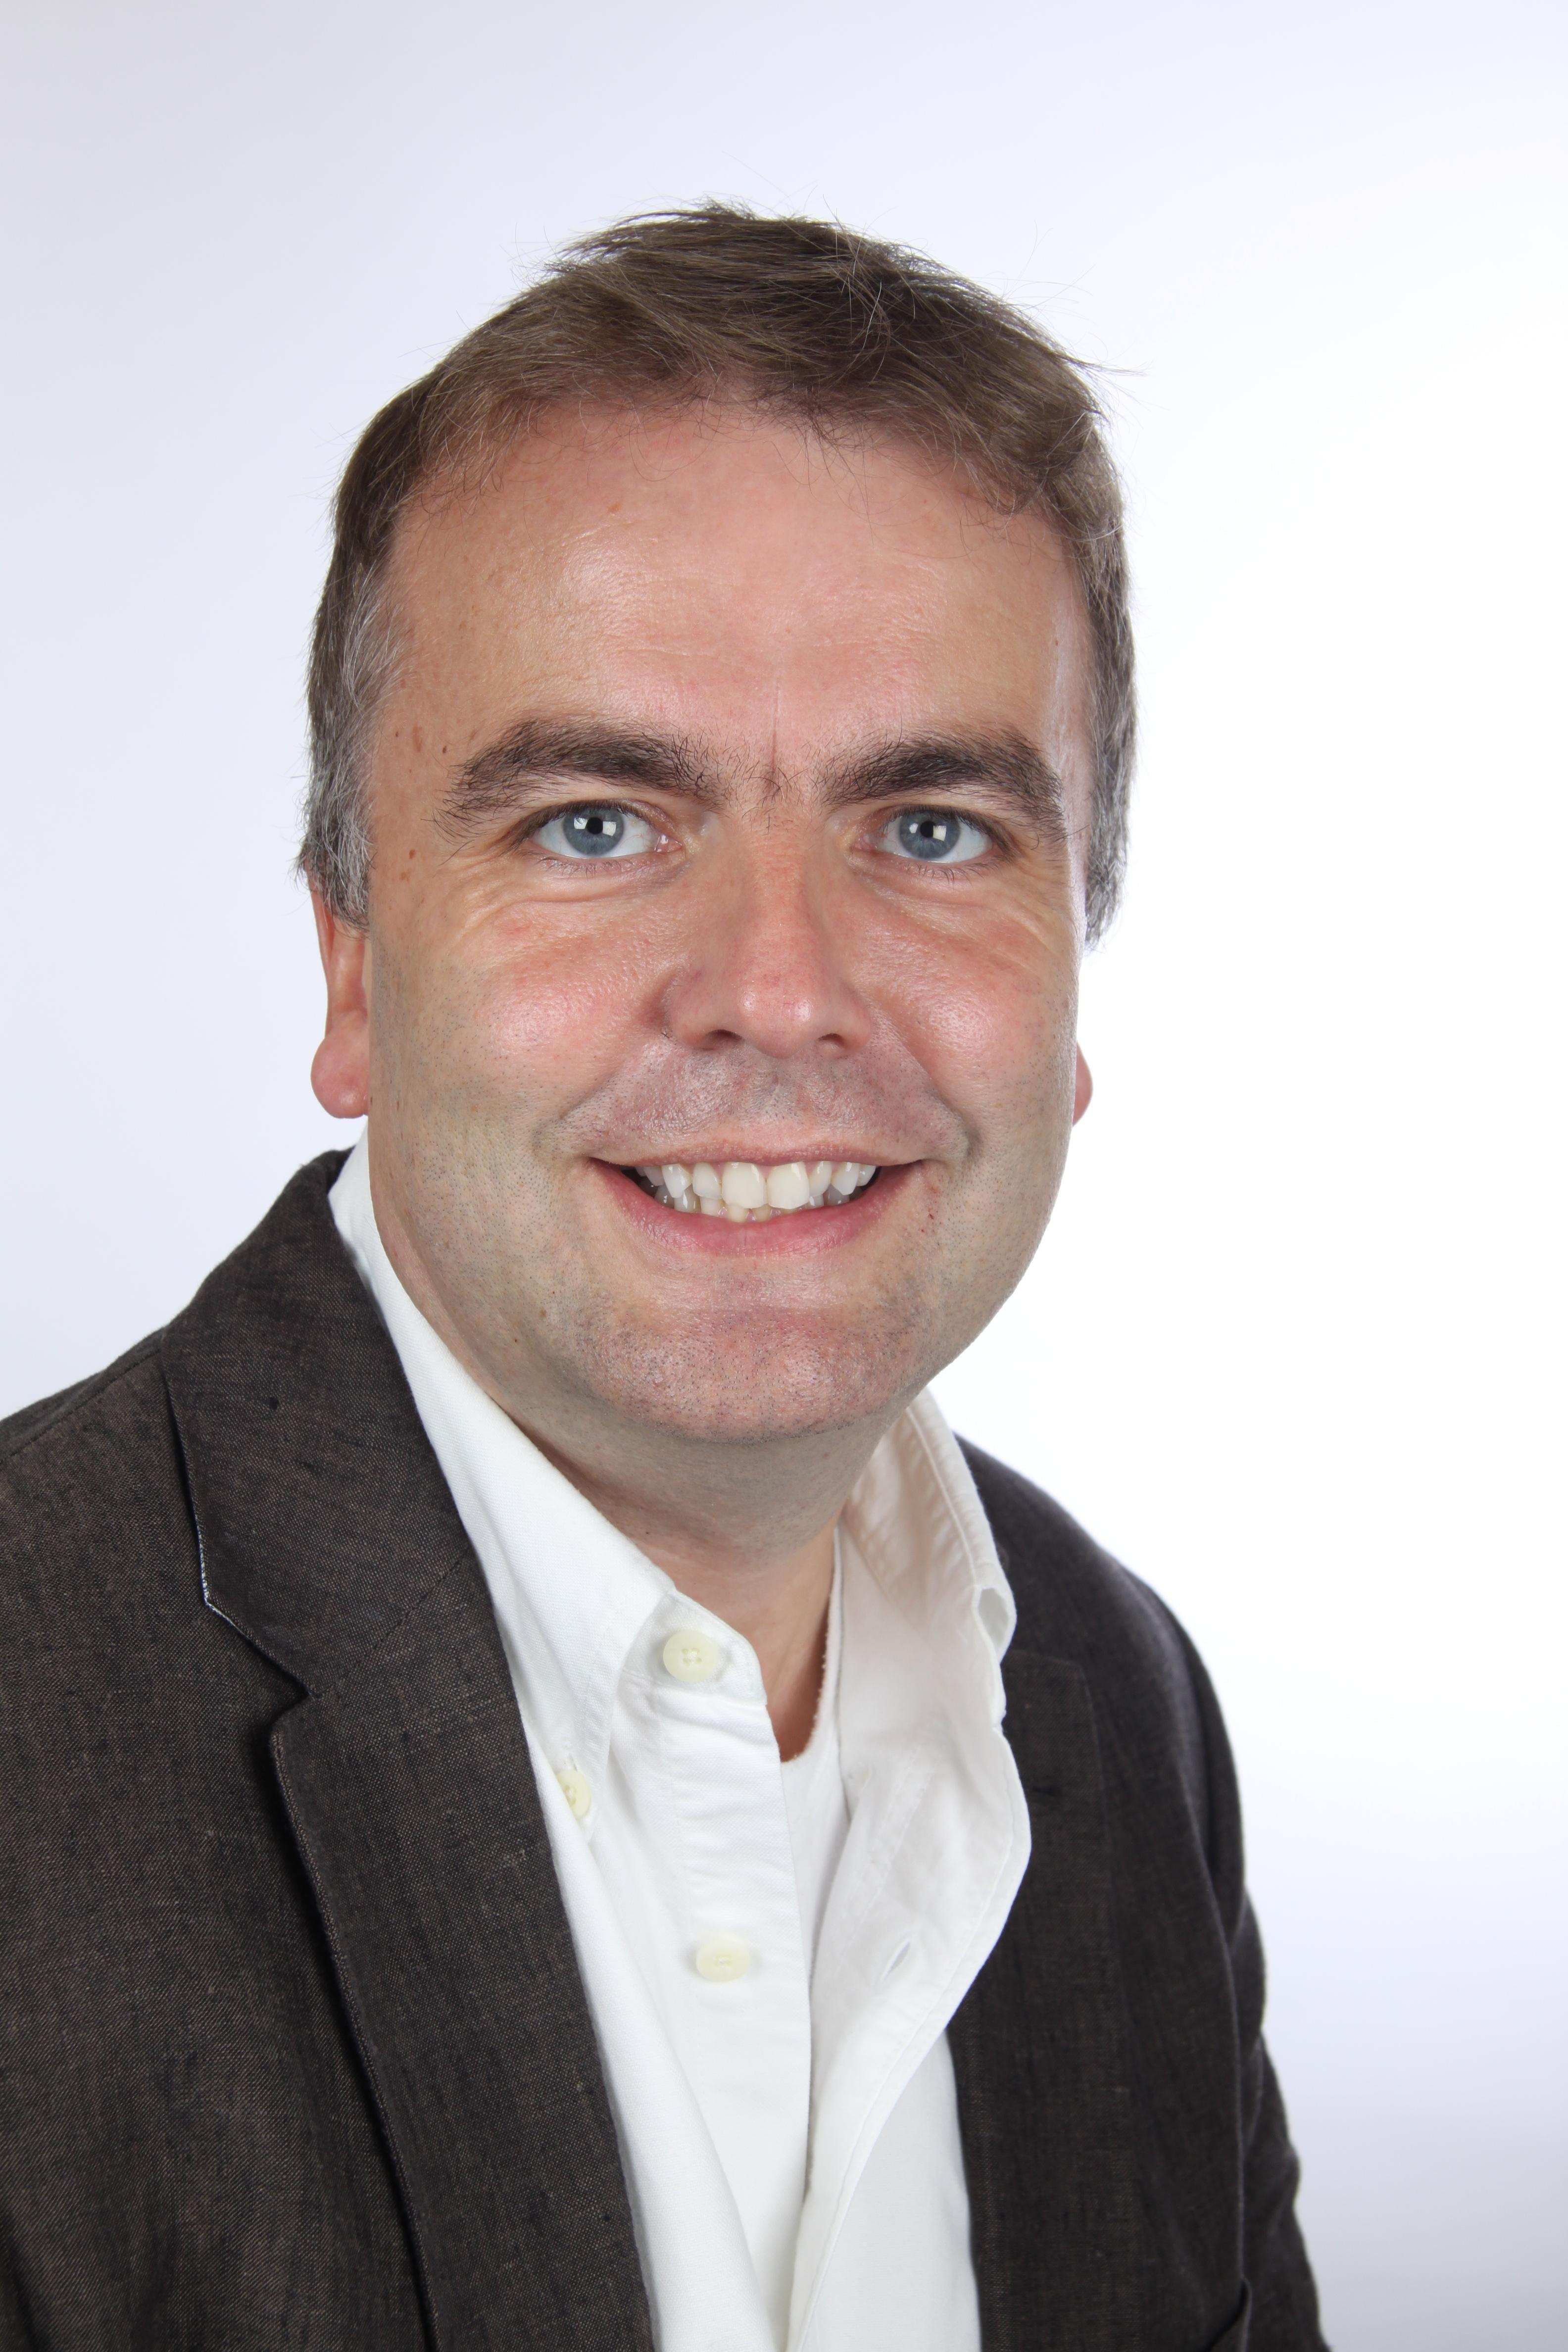 Frederik Decker